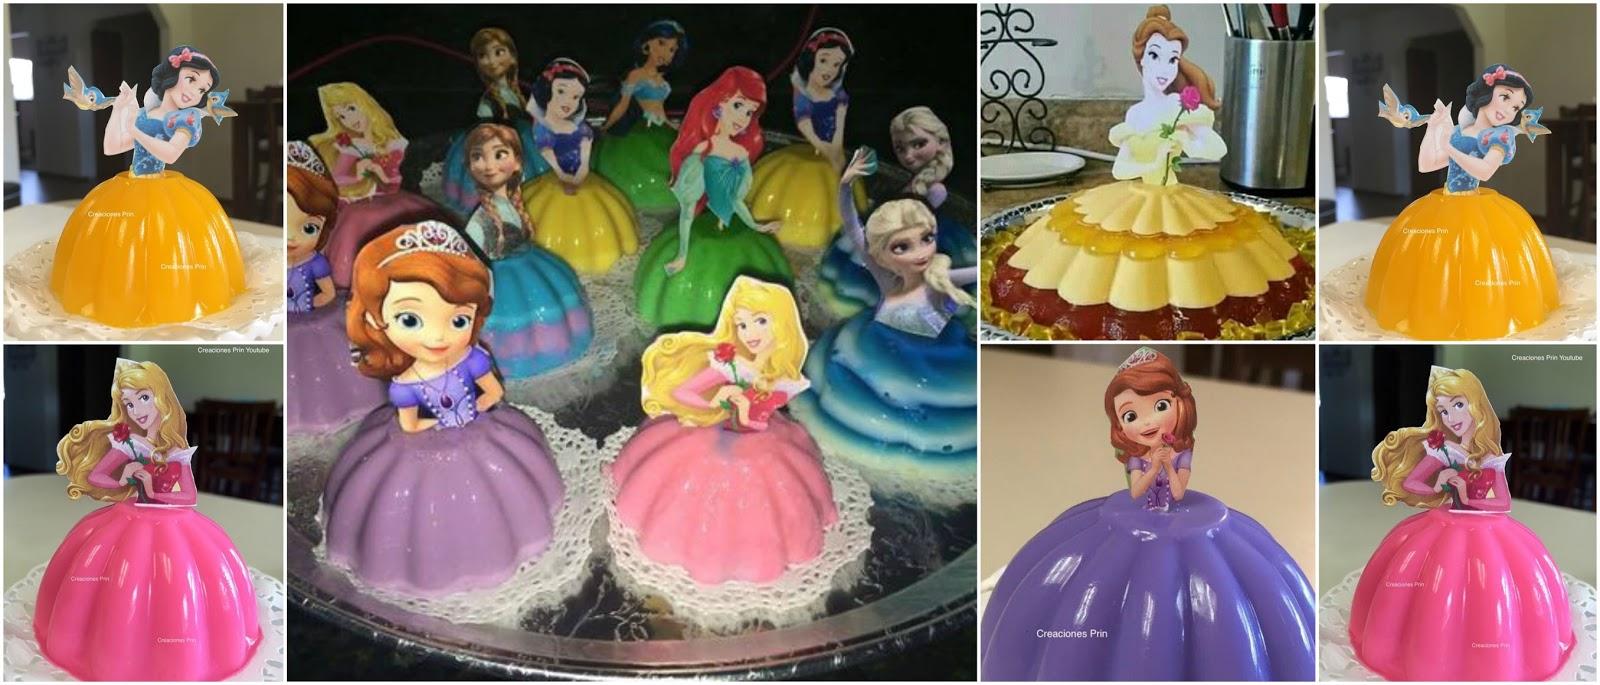 Aprende Cómo Hacer Gelatina De Princesas Para Fiestas Infantiles Lodijoella